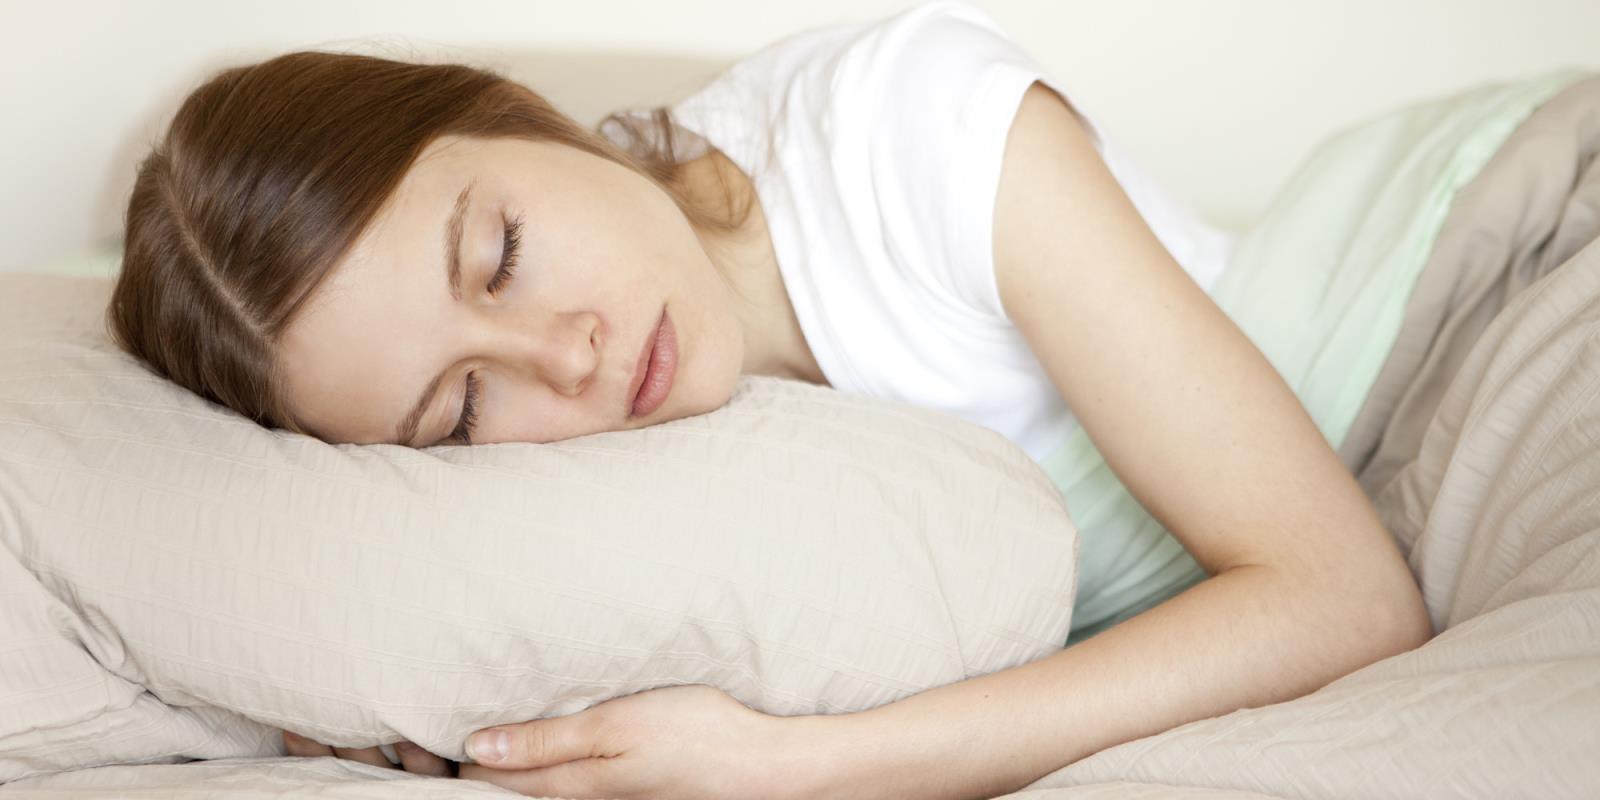 : Giấc ngủ rất quan trọng với sức khỏe. Ngủ sâu và đủ 7-8 giờ mỗi ngày, đặc biệt 10 giờ đêm đến 4 giờ sáng hôm sau. Đây là thời gian vàng để cơ thể củng cố, hồi phục, tái tạo những mô, tế bào và hệ thống.